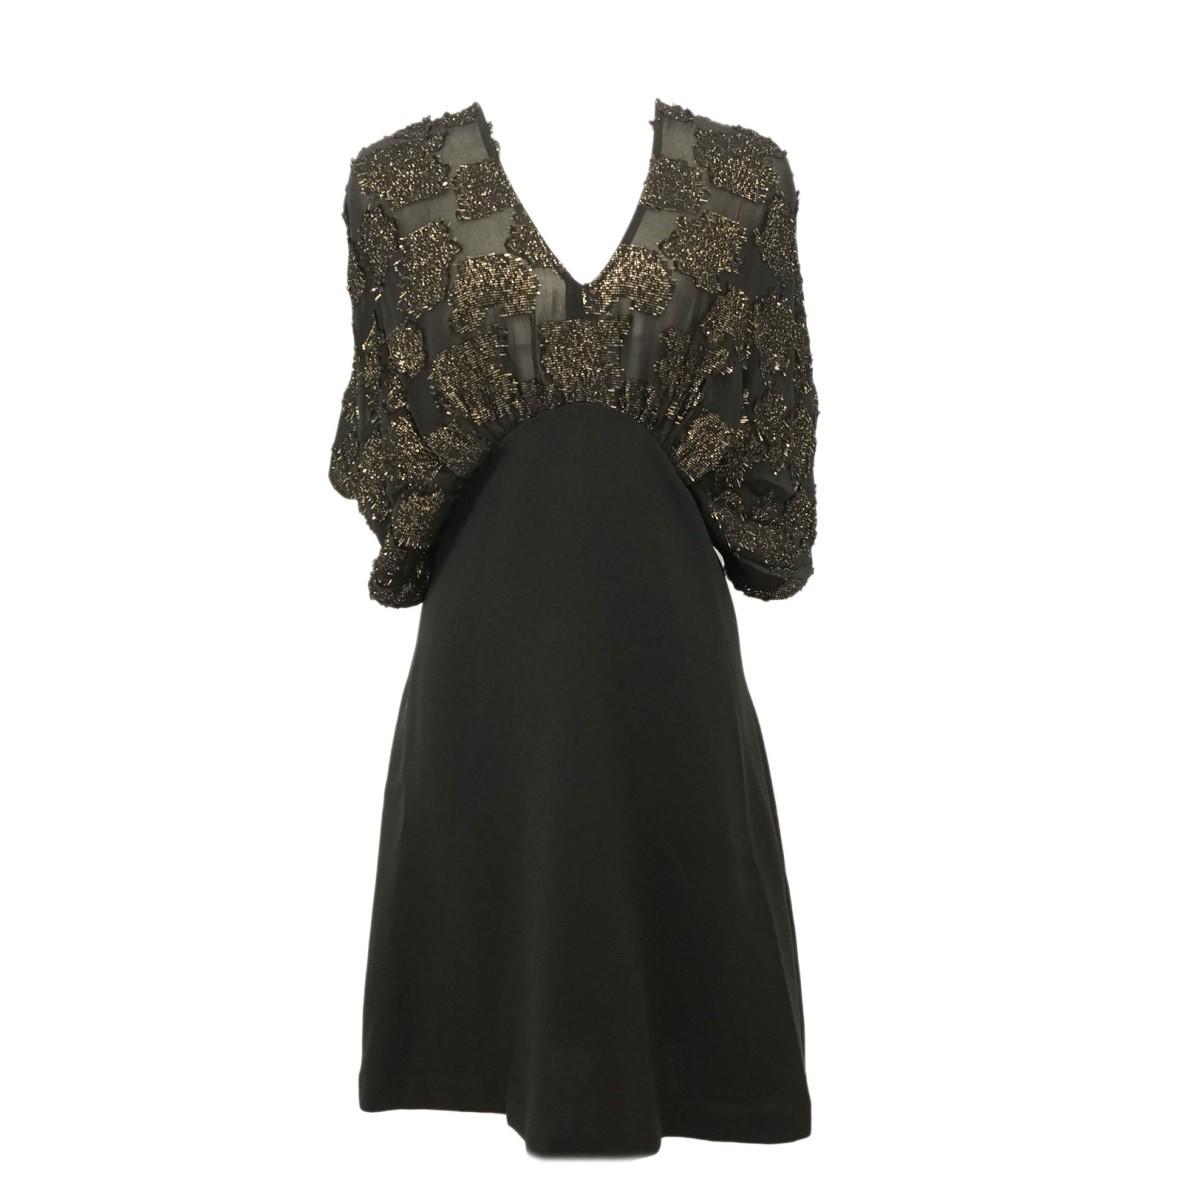 【中古】Mame Kurogouchi17SS Glitter Jacquard Mini Dress グリッタージャガードミニドレス ブラック・ゴールド サイズ:2